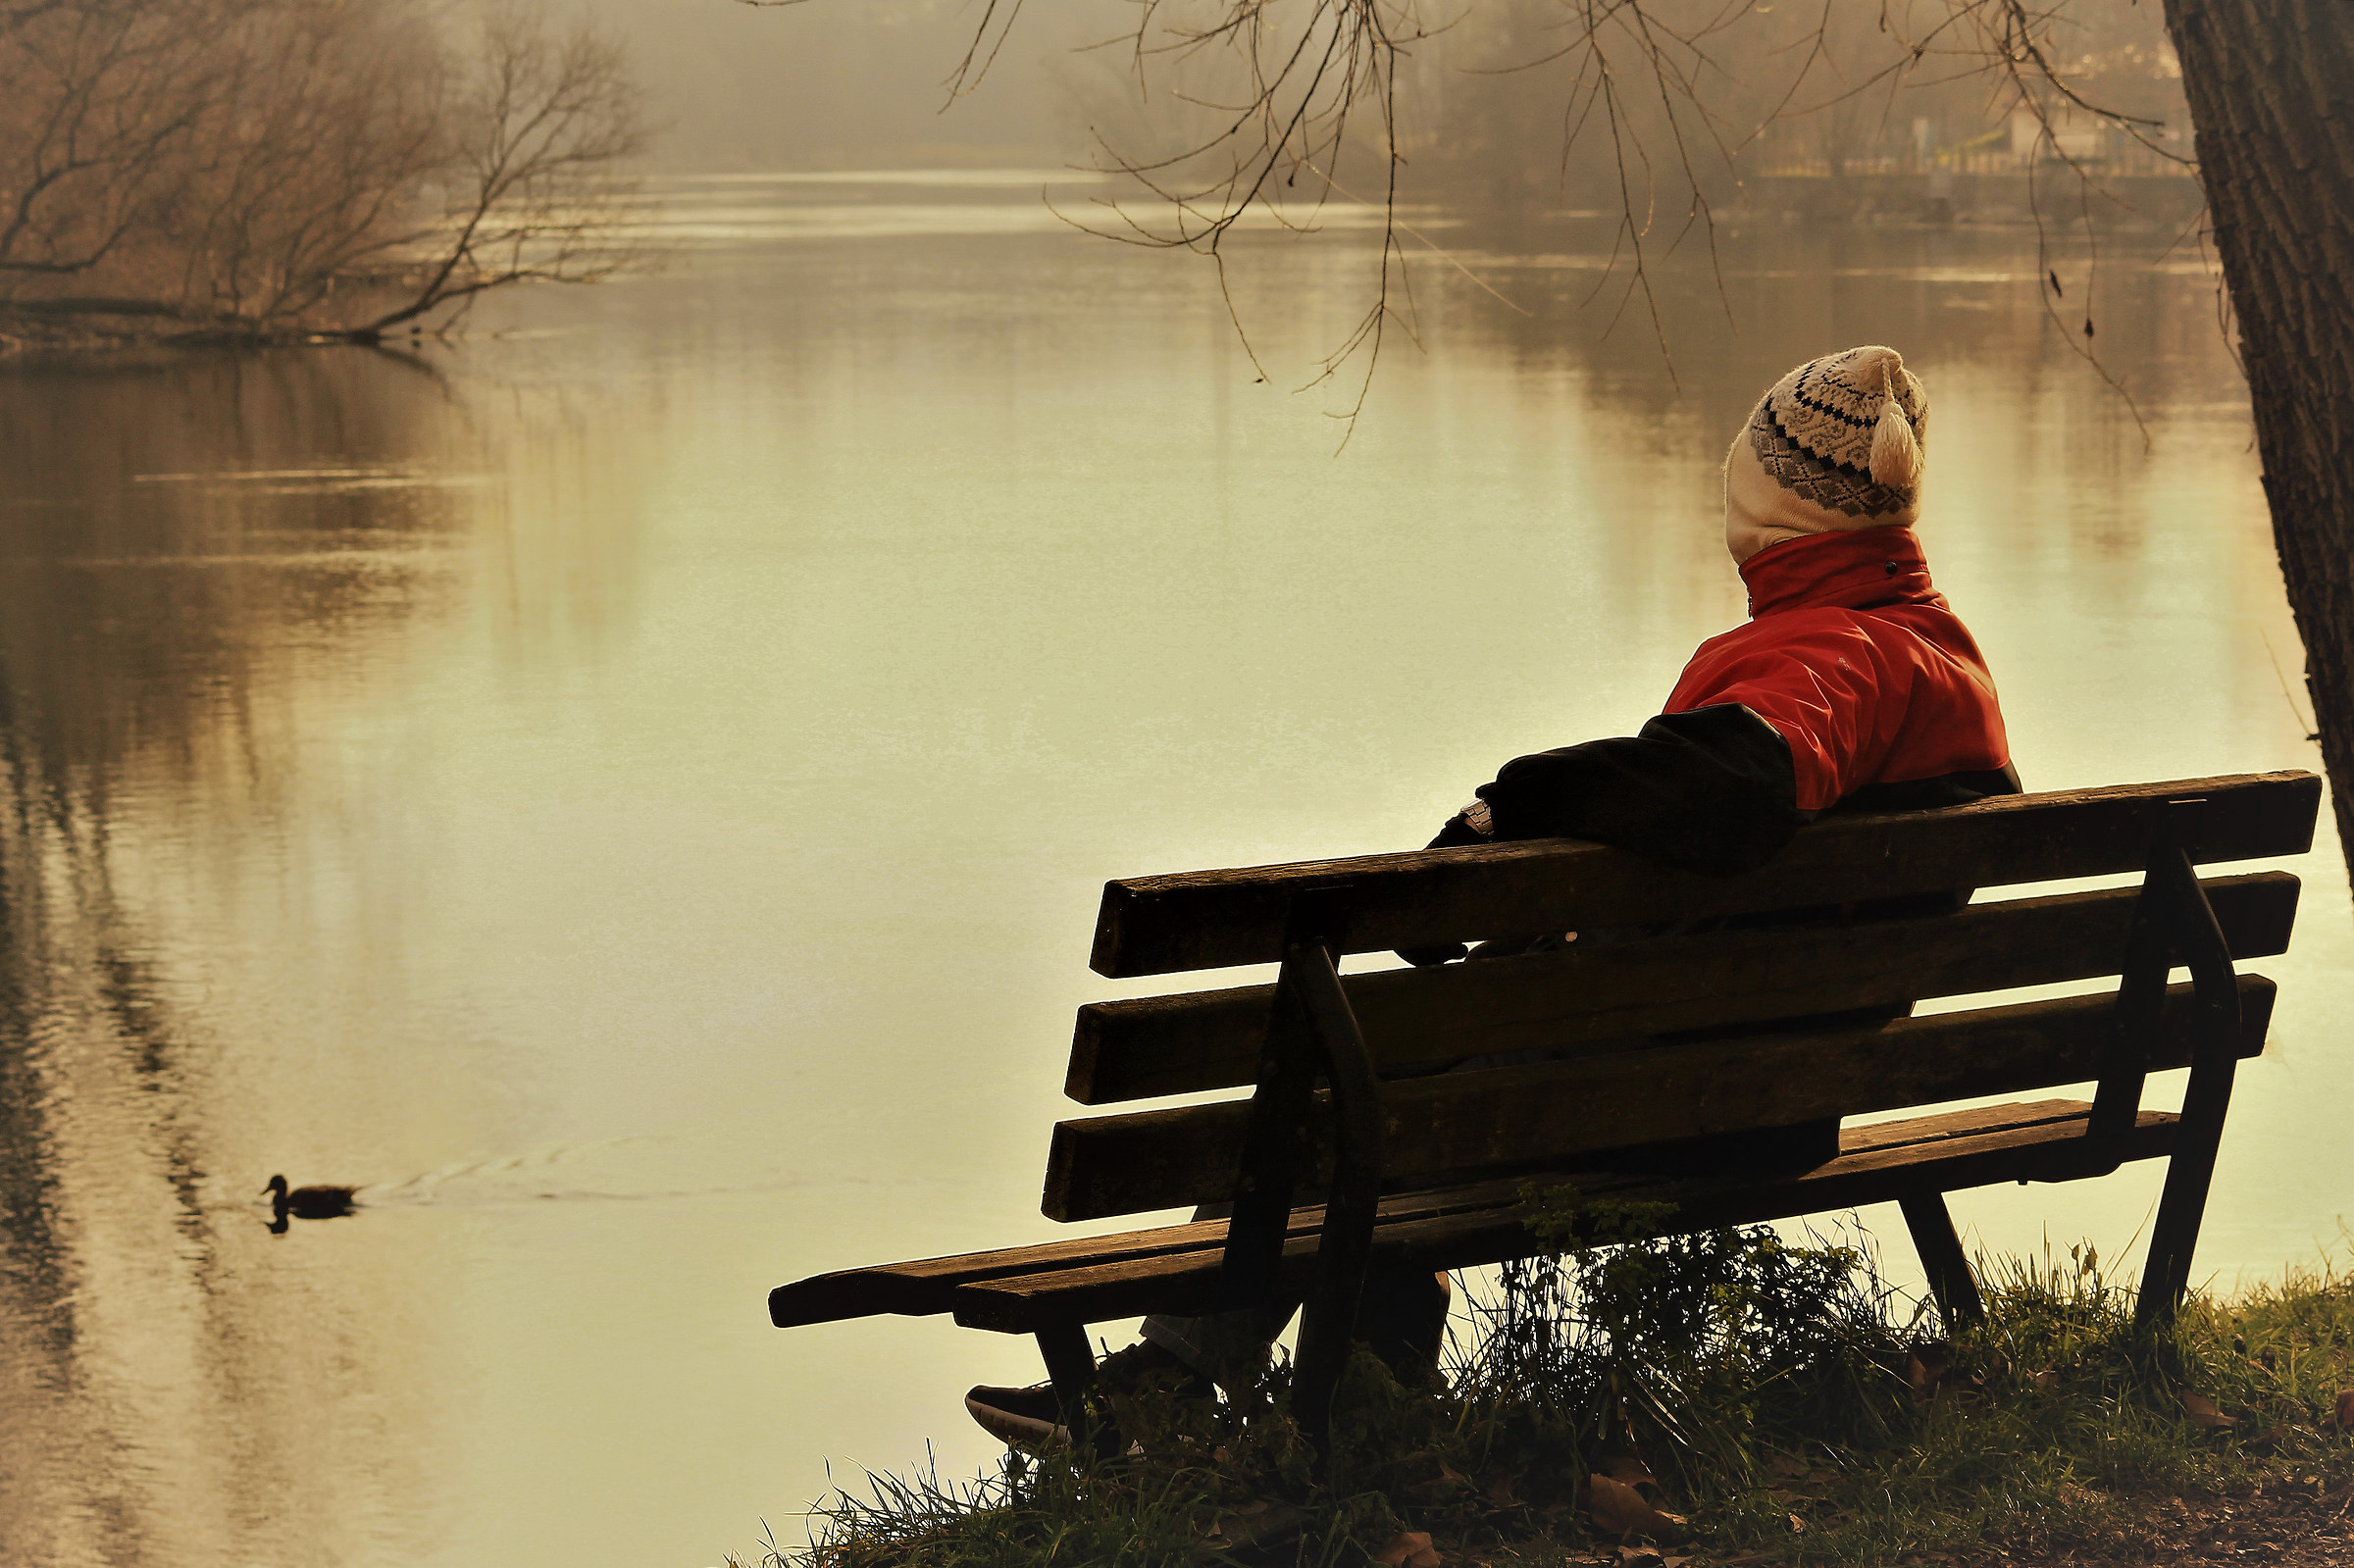 ... Contemplating ......